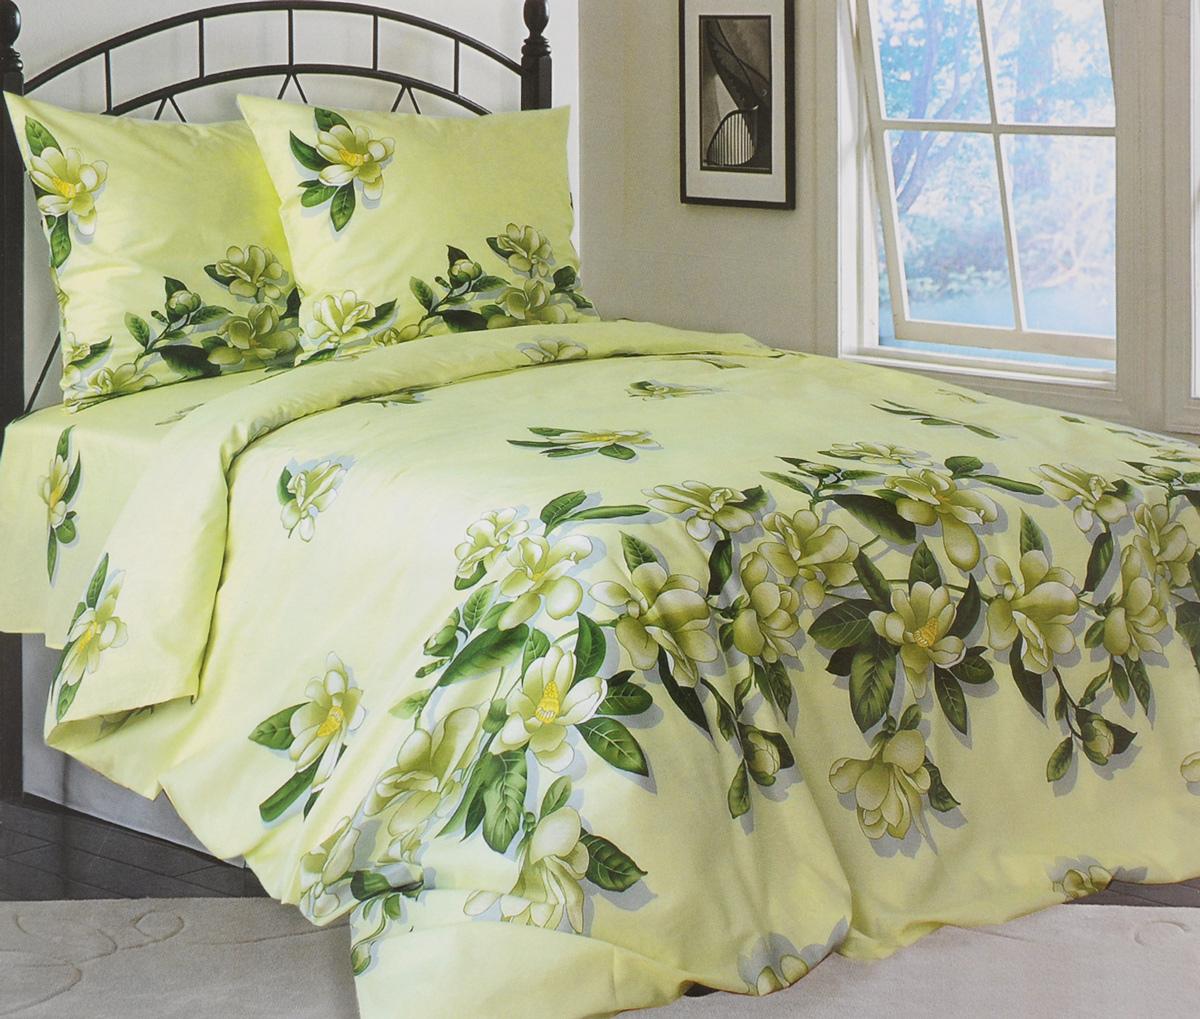 Комплект белья Катюша Юнона, семейный, наволочки 50х70, цвет: зеленый, серый, желтыйC-266/4553Роскошный комплект белья Катюша Юнона, выполненный из бязи (100% натурального хлопка), состоит из двух пододеяльников, простыни и двух наволочек. Постельное белье оформлено изображением цветов и имеет изысканный внешний вид. Бязь - это ткань полотняного переплетения, изготовленная из экологически чистого и натурального 100% хлопка. Она приятная на ощупь, при этом очень прочная, хорошо сохраняет форму и легко гладится. Ткань прекрасно пропускает воздух и за ней легко ухаживать. Приобретая комплект постельного белья Катюша Юнона, вы можете быть уверенны в том, что покупка доставит вам и вашим близким удовольствие и подарит максимальный комфорт.